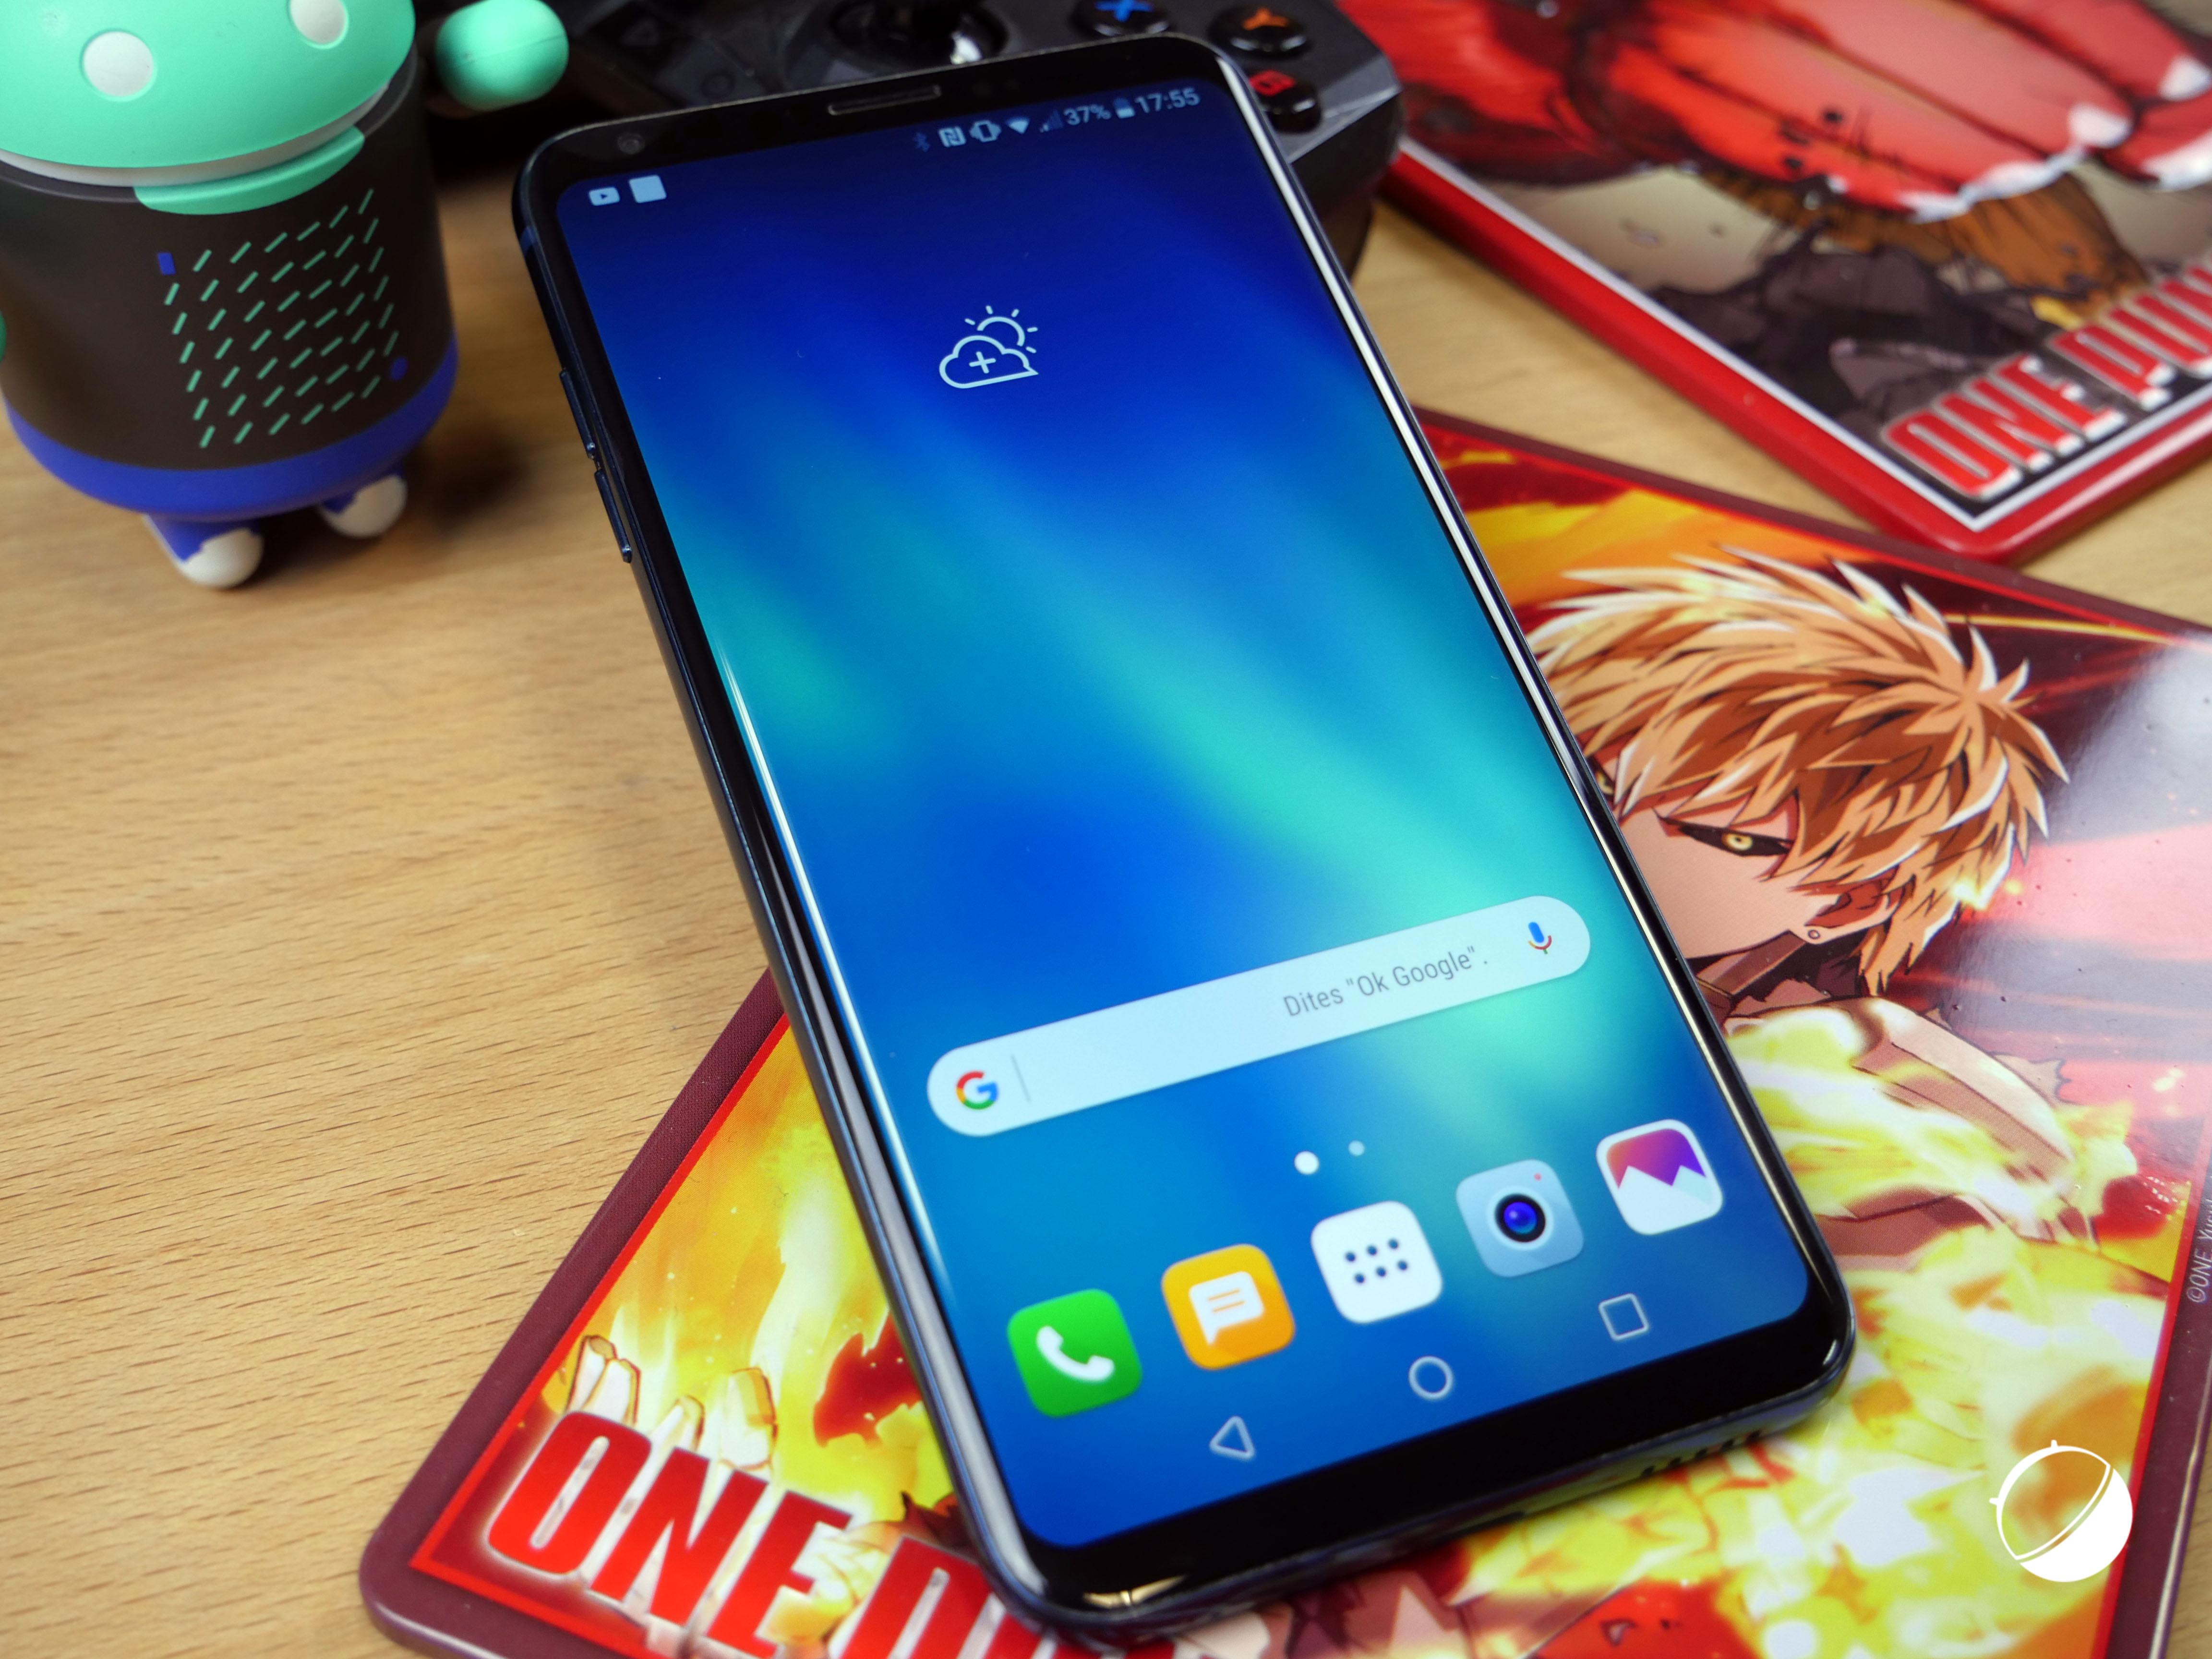 Où acheter le LG V30 au meilleur prix en 2019 ? Découvrez toutes les offres